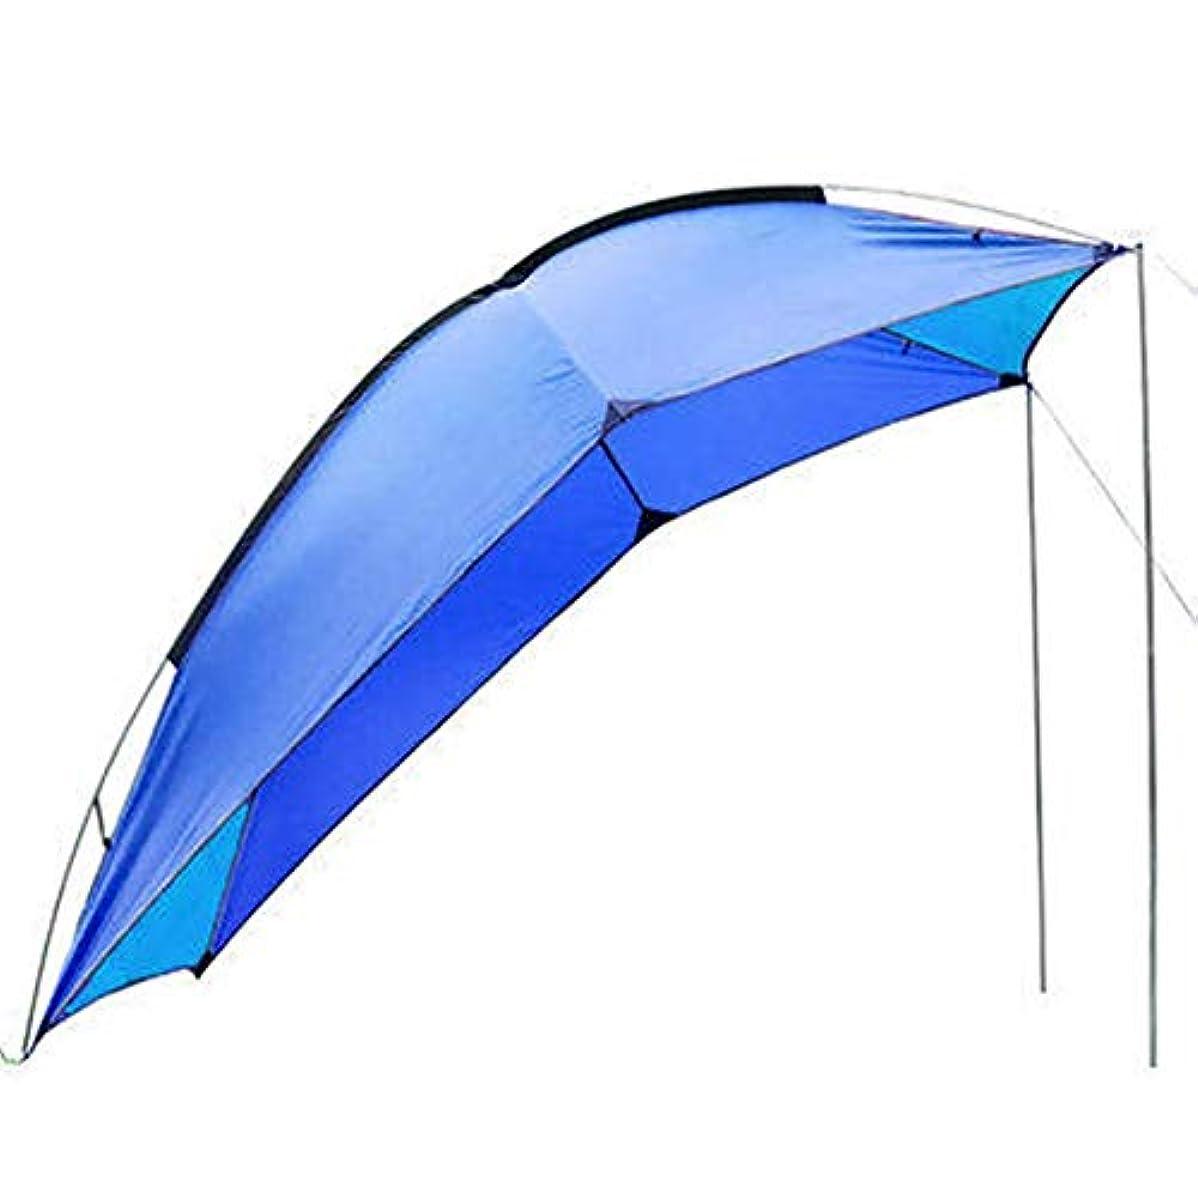 差し引く含意拍手JIANFEI 天幕 キャンプ テント タープキャンプピクニック ビーチテント 防水 、4色 (Color : Blue, Size : 240x190x200cm)